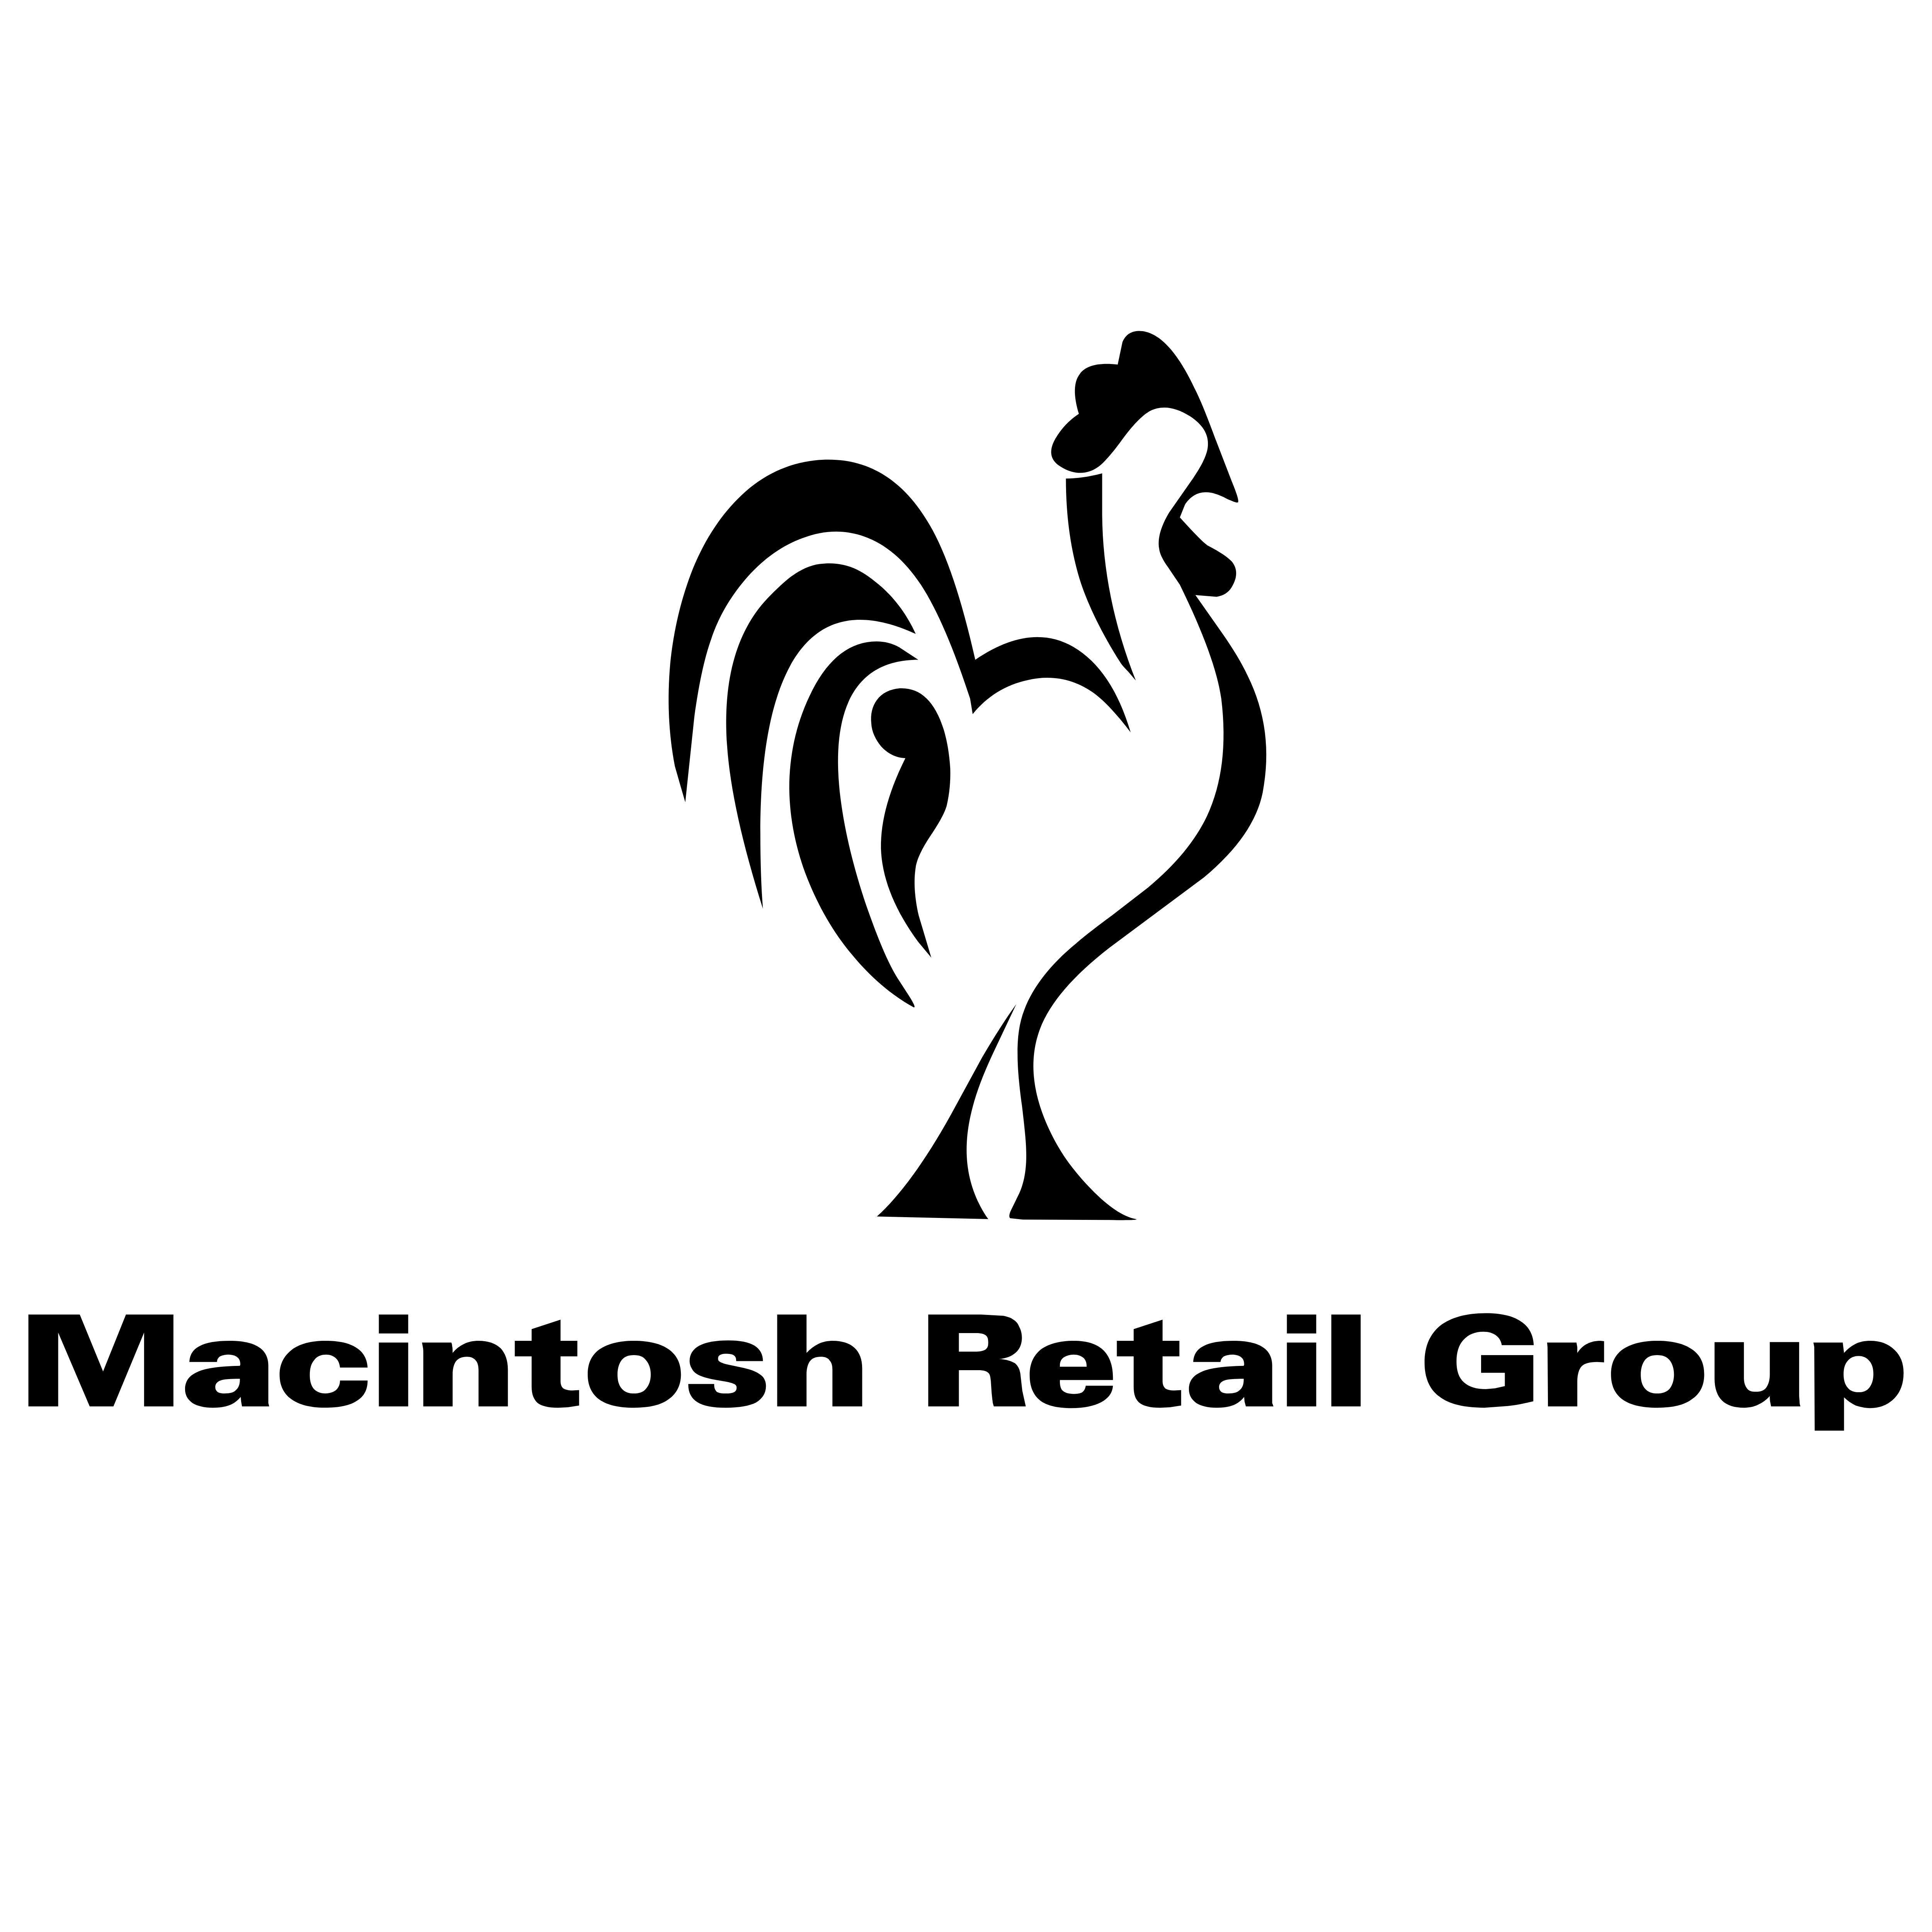 macintosh � logos download